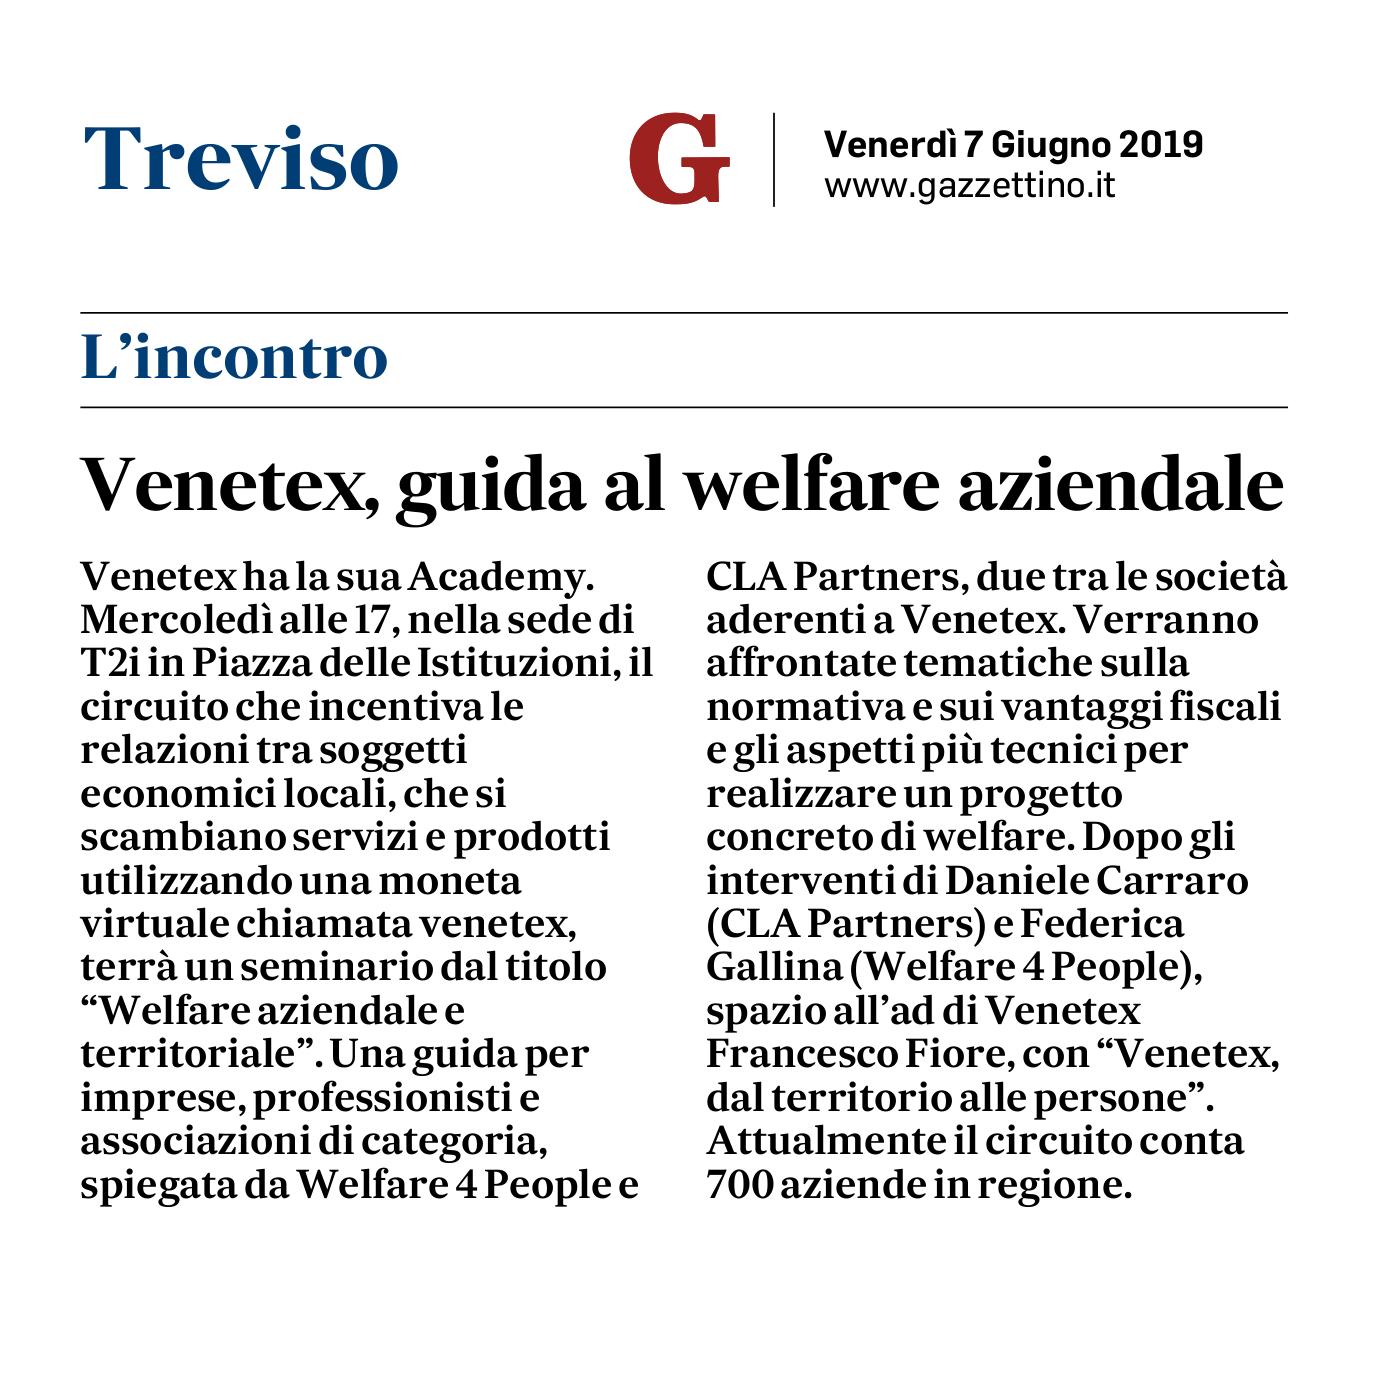 Gazzettino - 7 giugno 2019